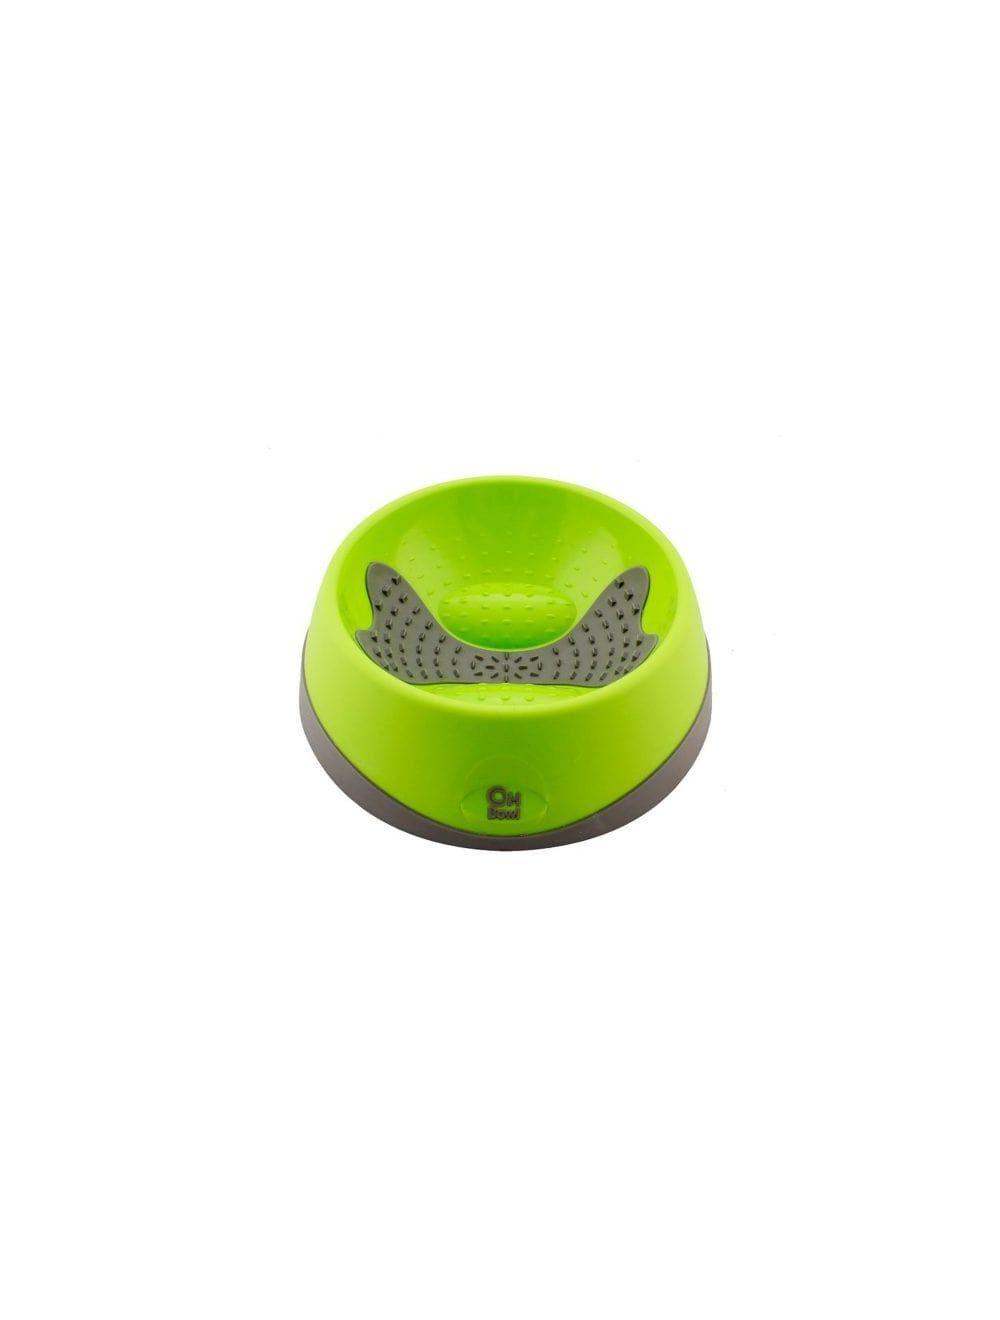 Hyper pet OHBowl verde mediano - Ciudaddemascotas.com